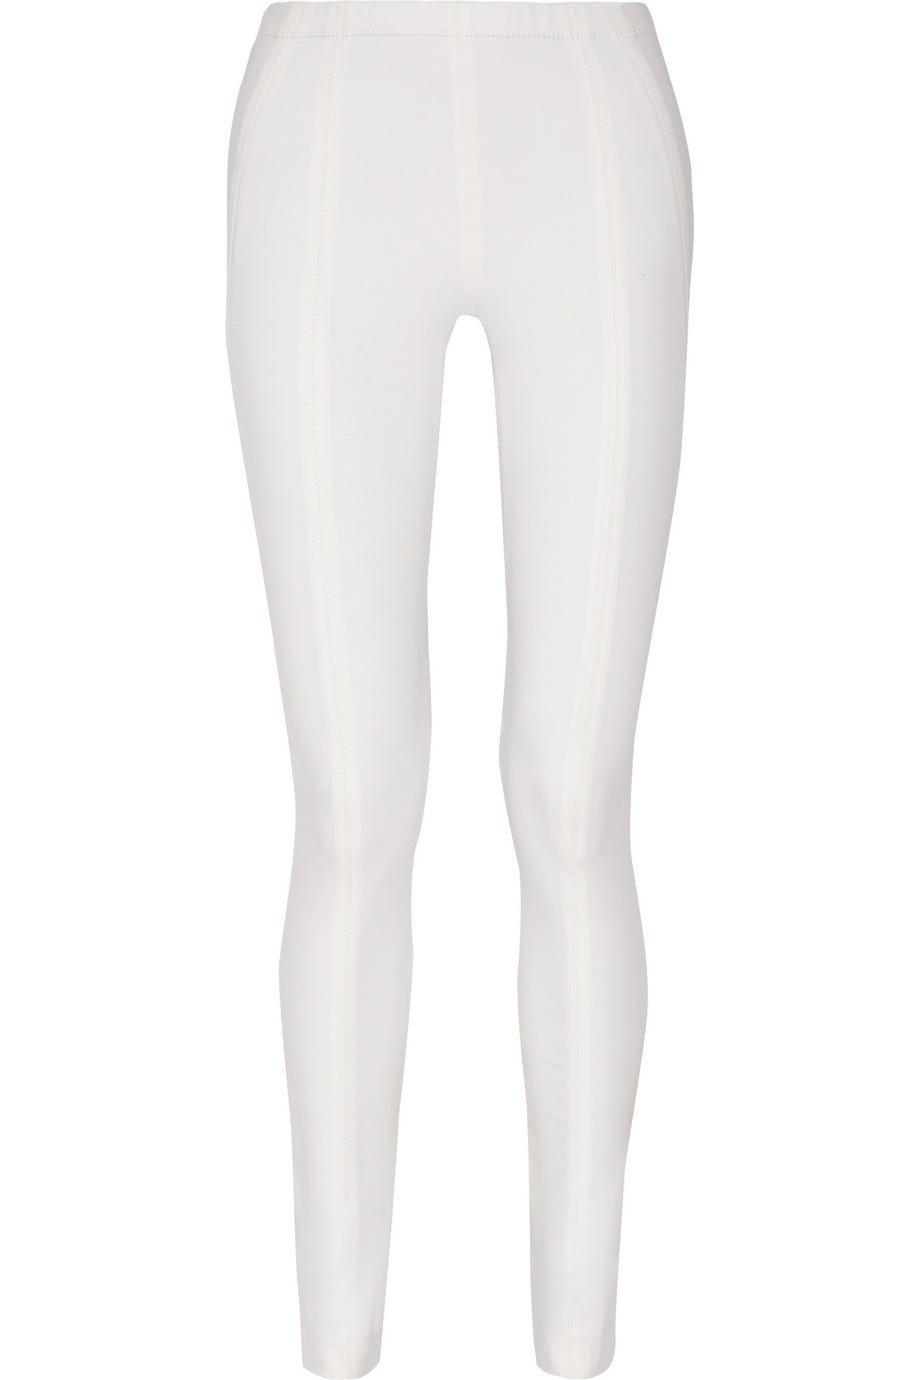 51ee2e63bbbaf Celebrities Wearing Leggings Outfit Ideas